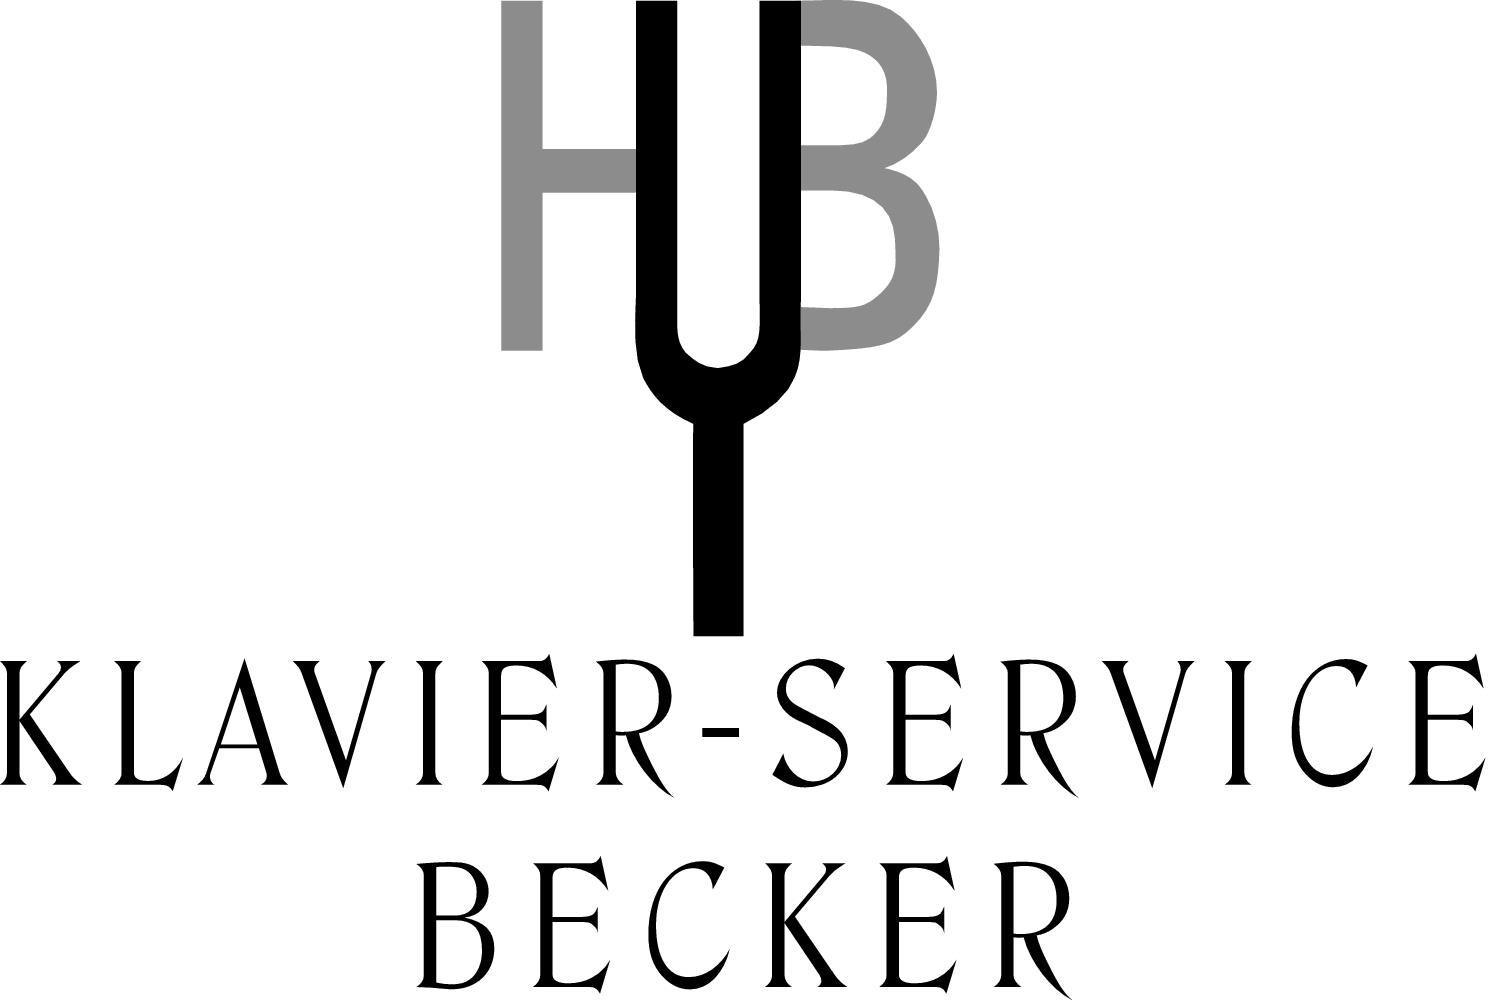 Klavier-Service Becker GmbH